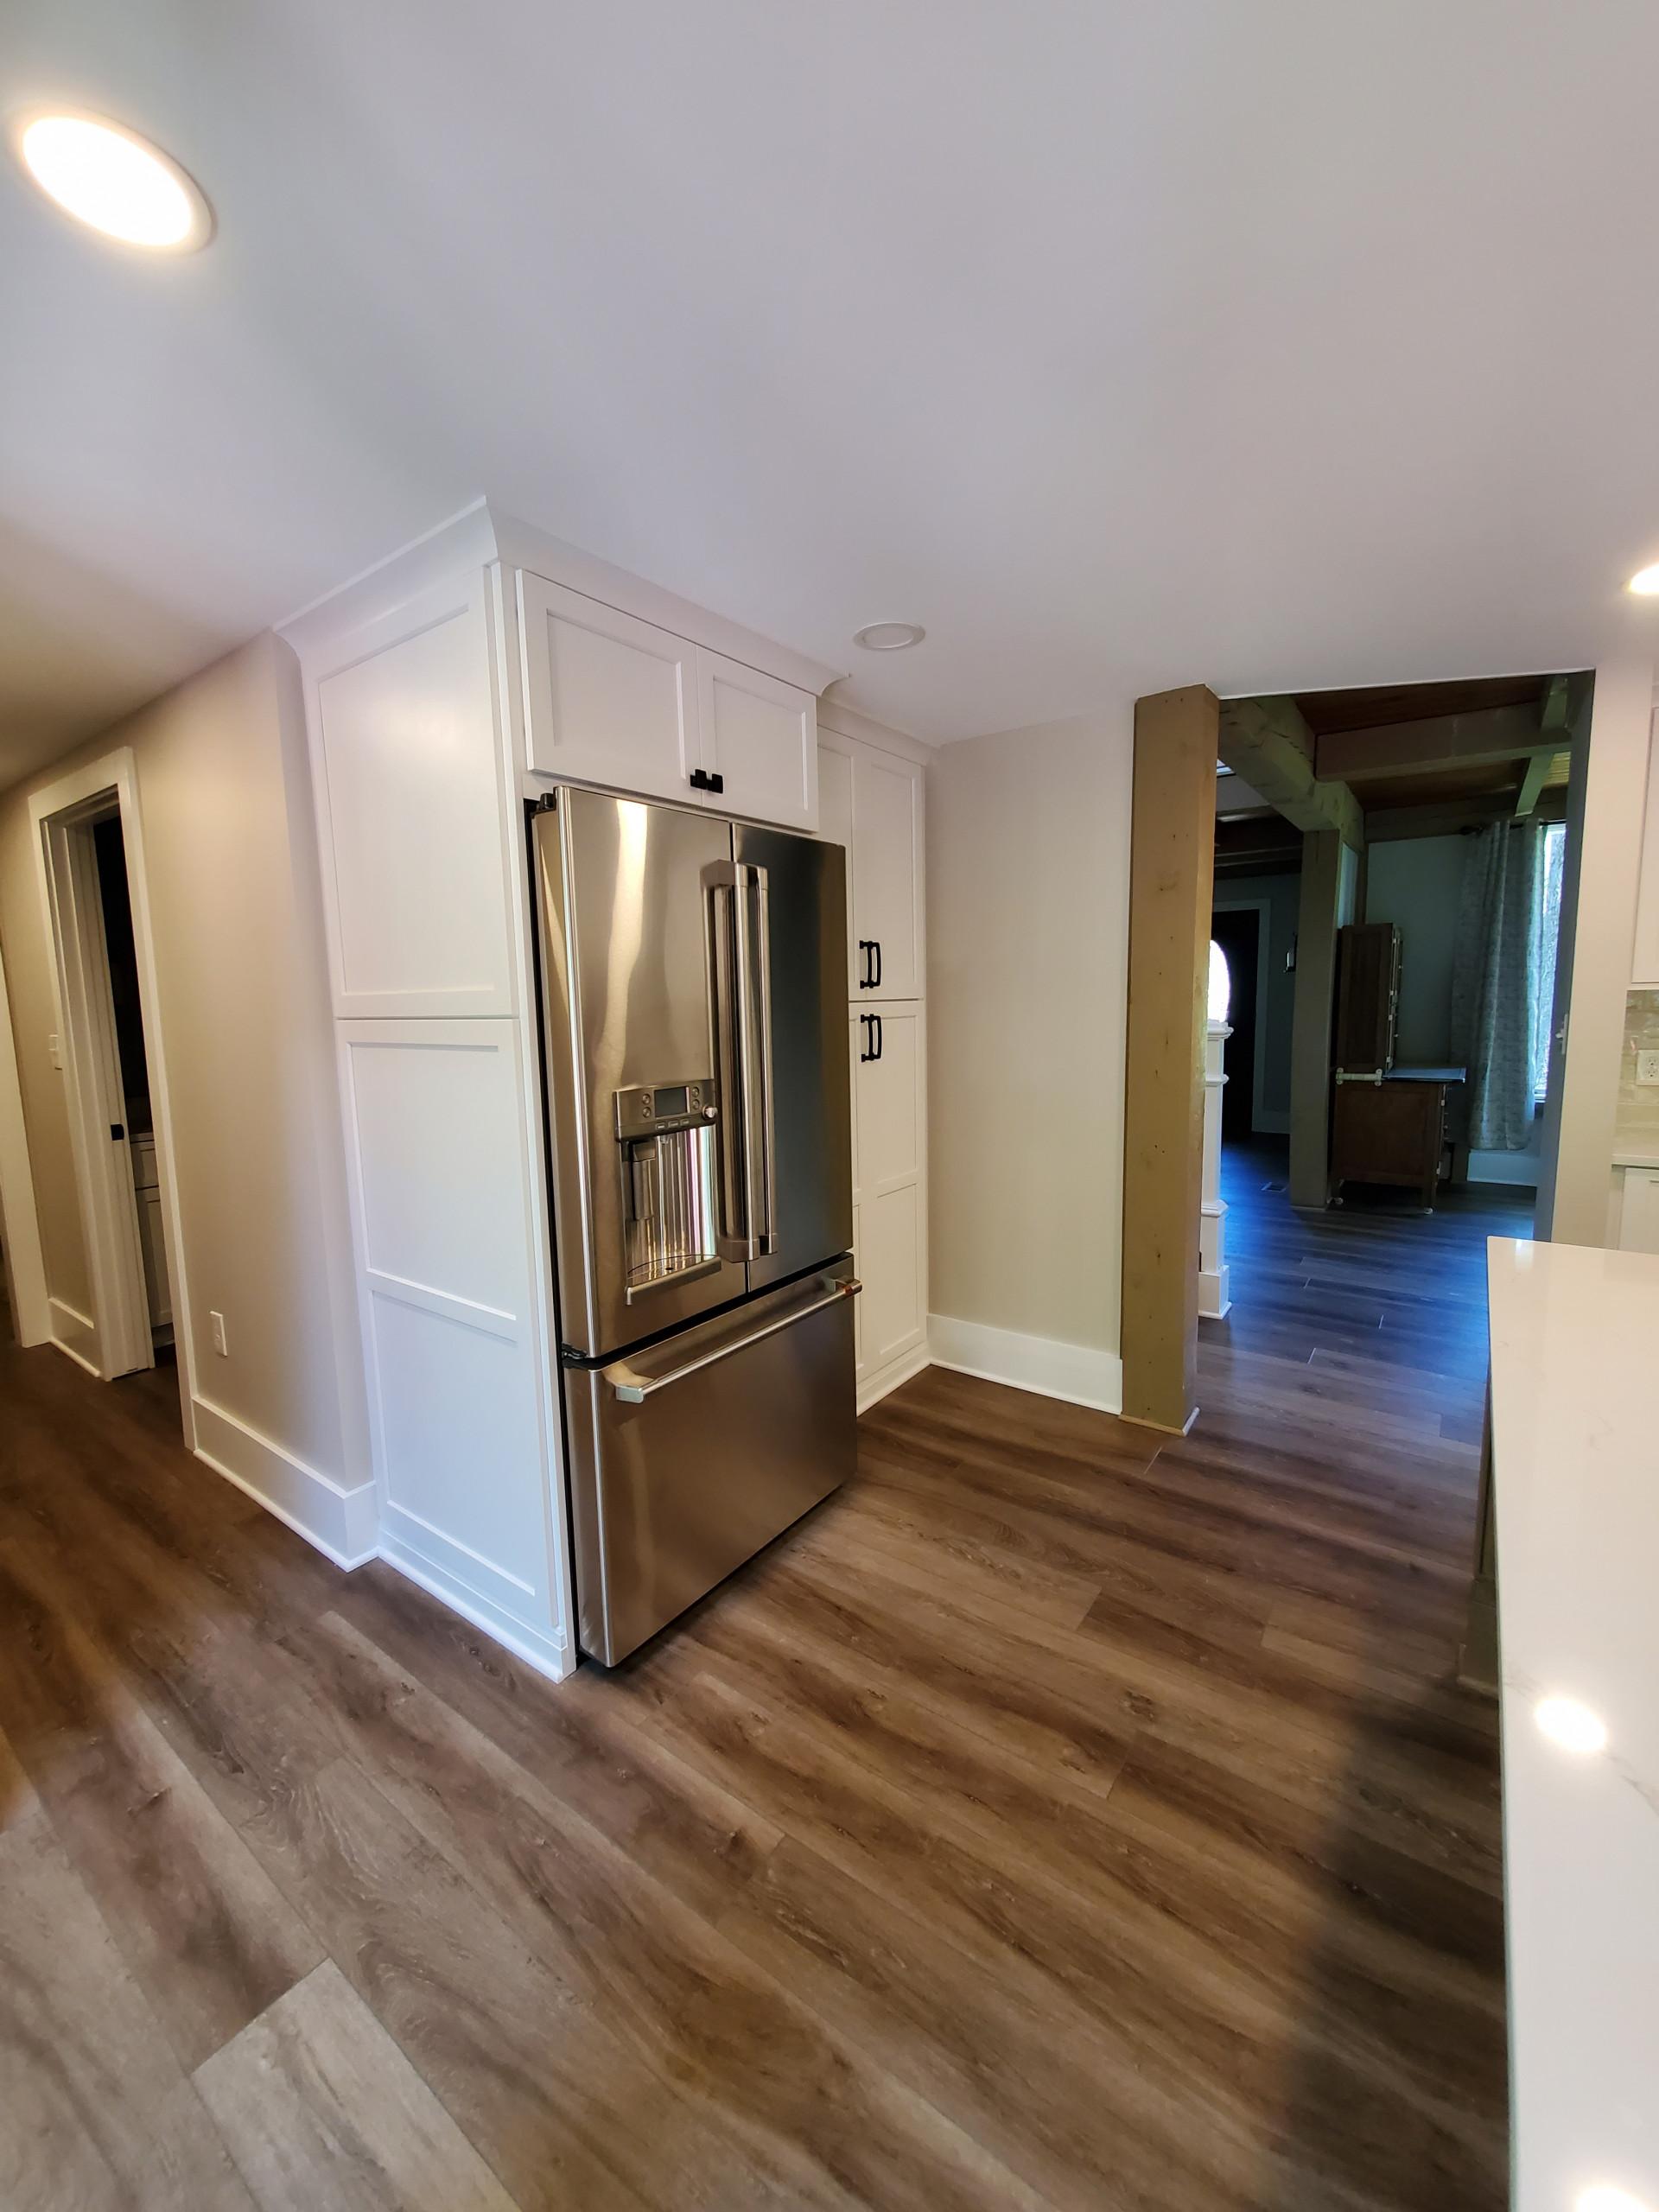 Hershner 1st Floor Remodel